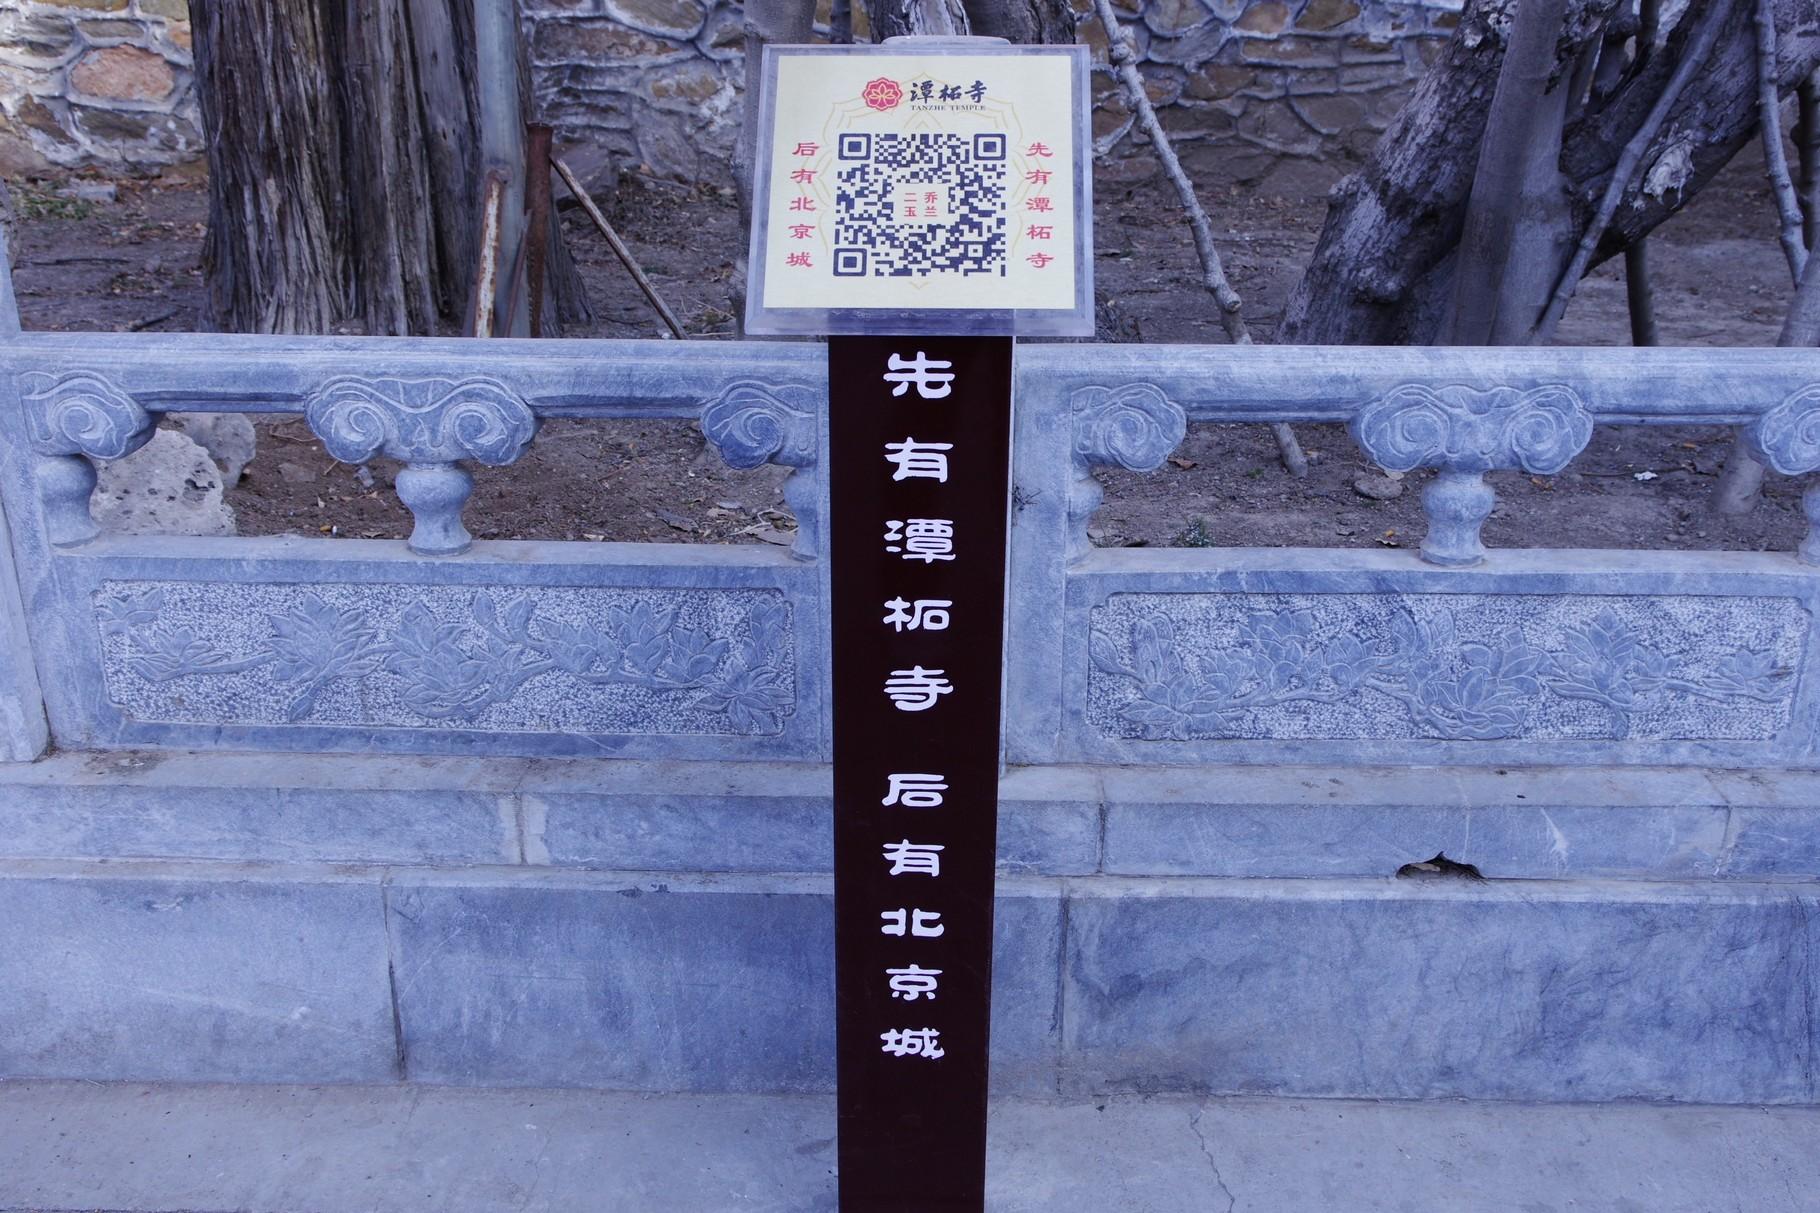 「先に潭柘寺あり 后に北京城あり」